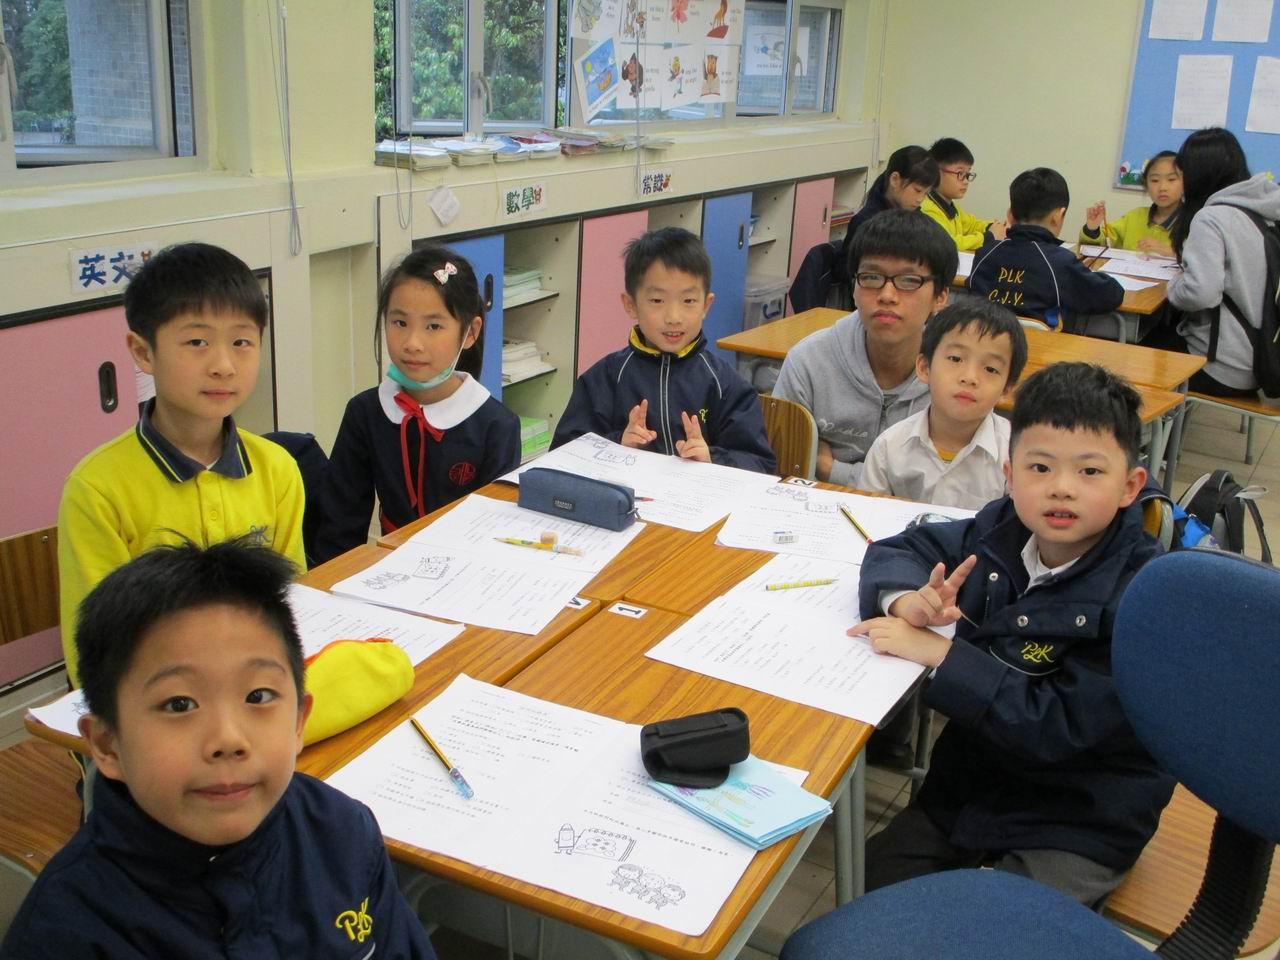 https://www.plkcjy.edu.hk/sites/default/files/img_2862.jpg